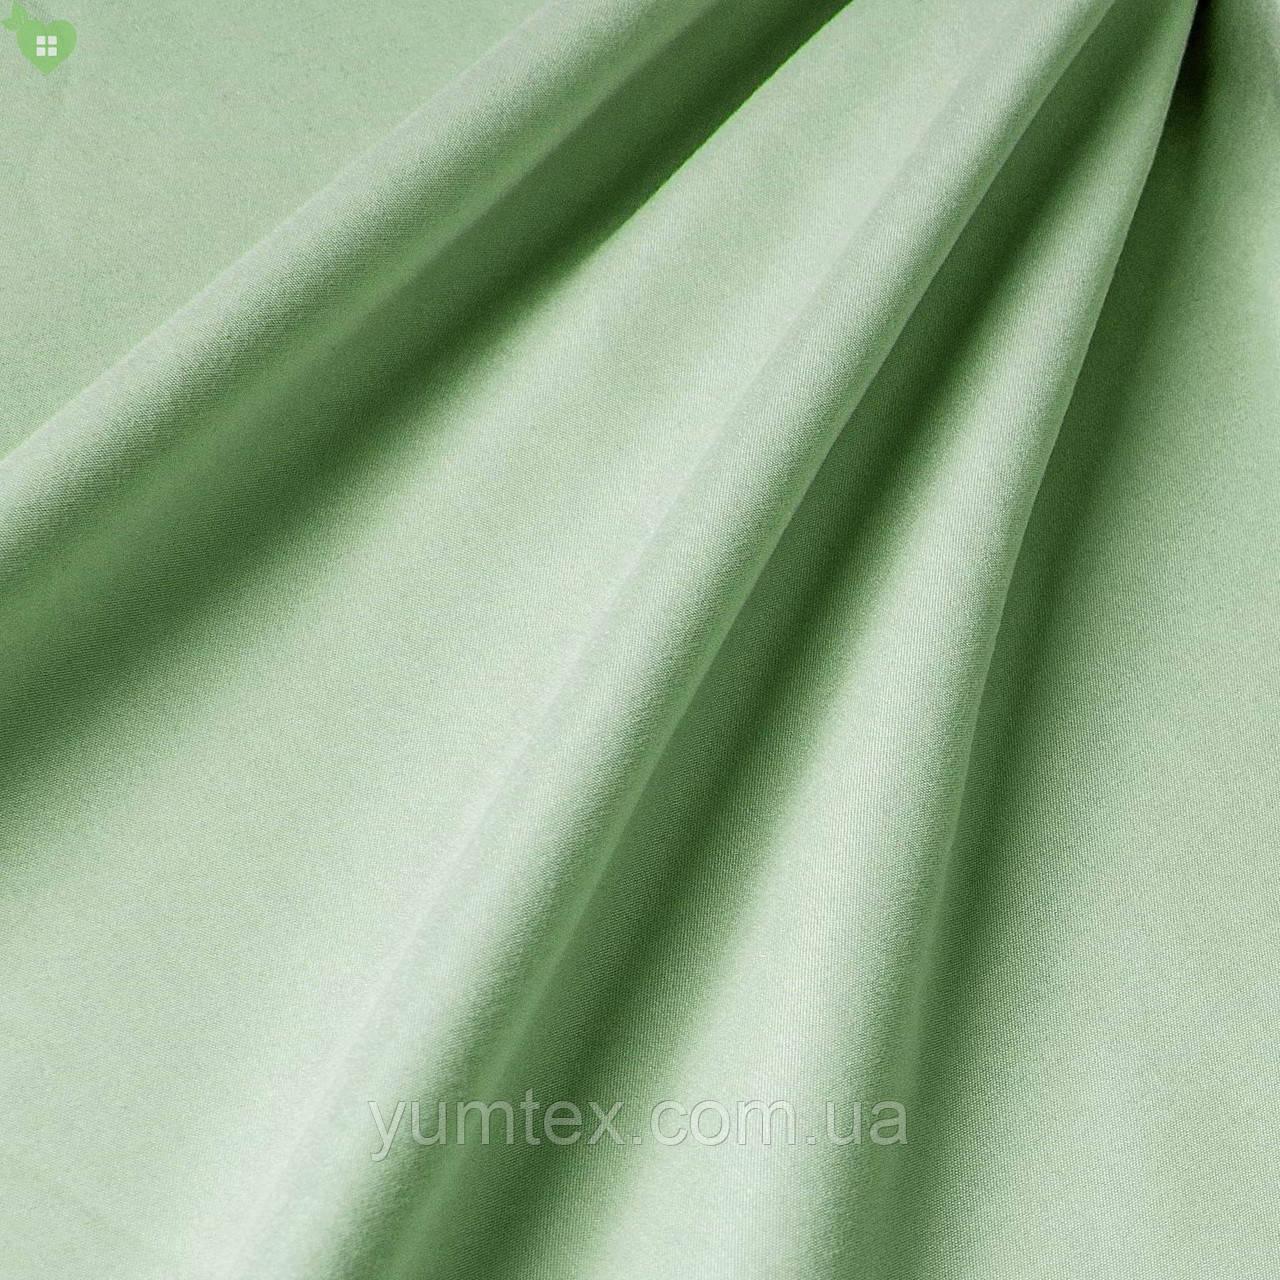 Подкладочная ткань с матовой фактурой блестящего желтовато-зеленого цвета Испания